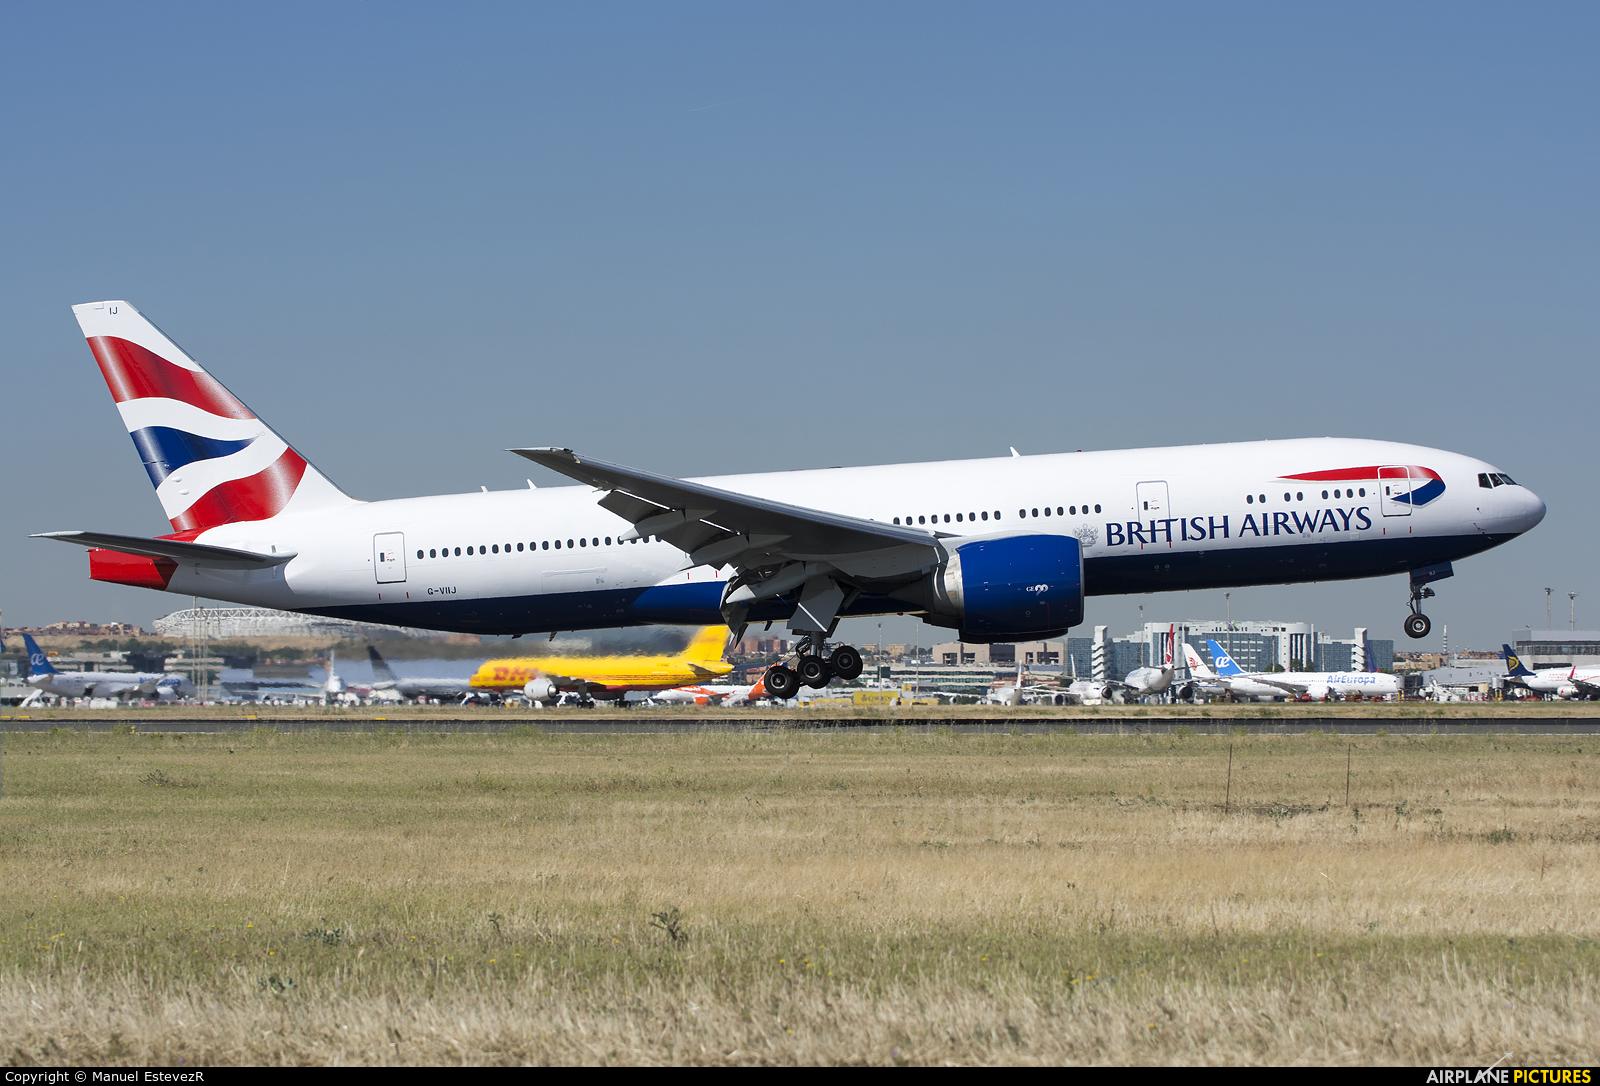 British Airways G-VIIJ aircraft at Madrid - Barajas